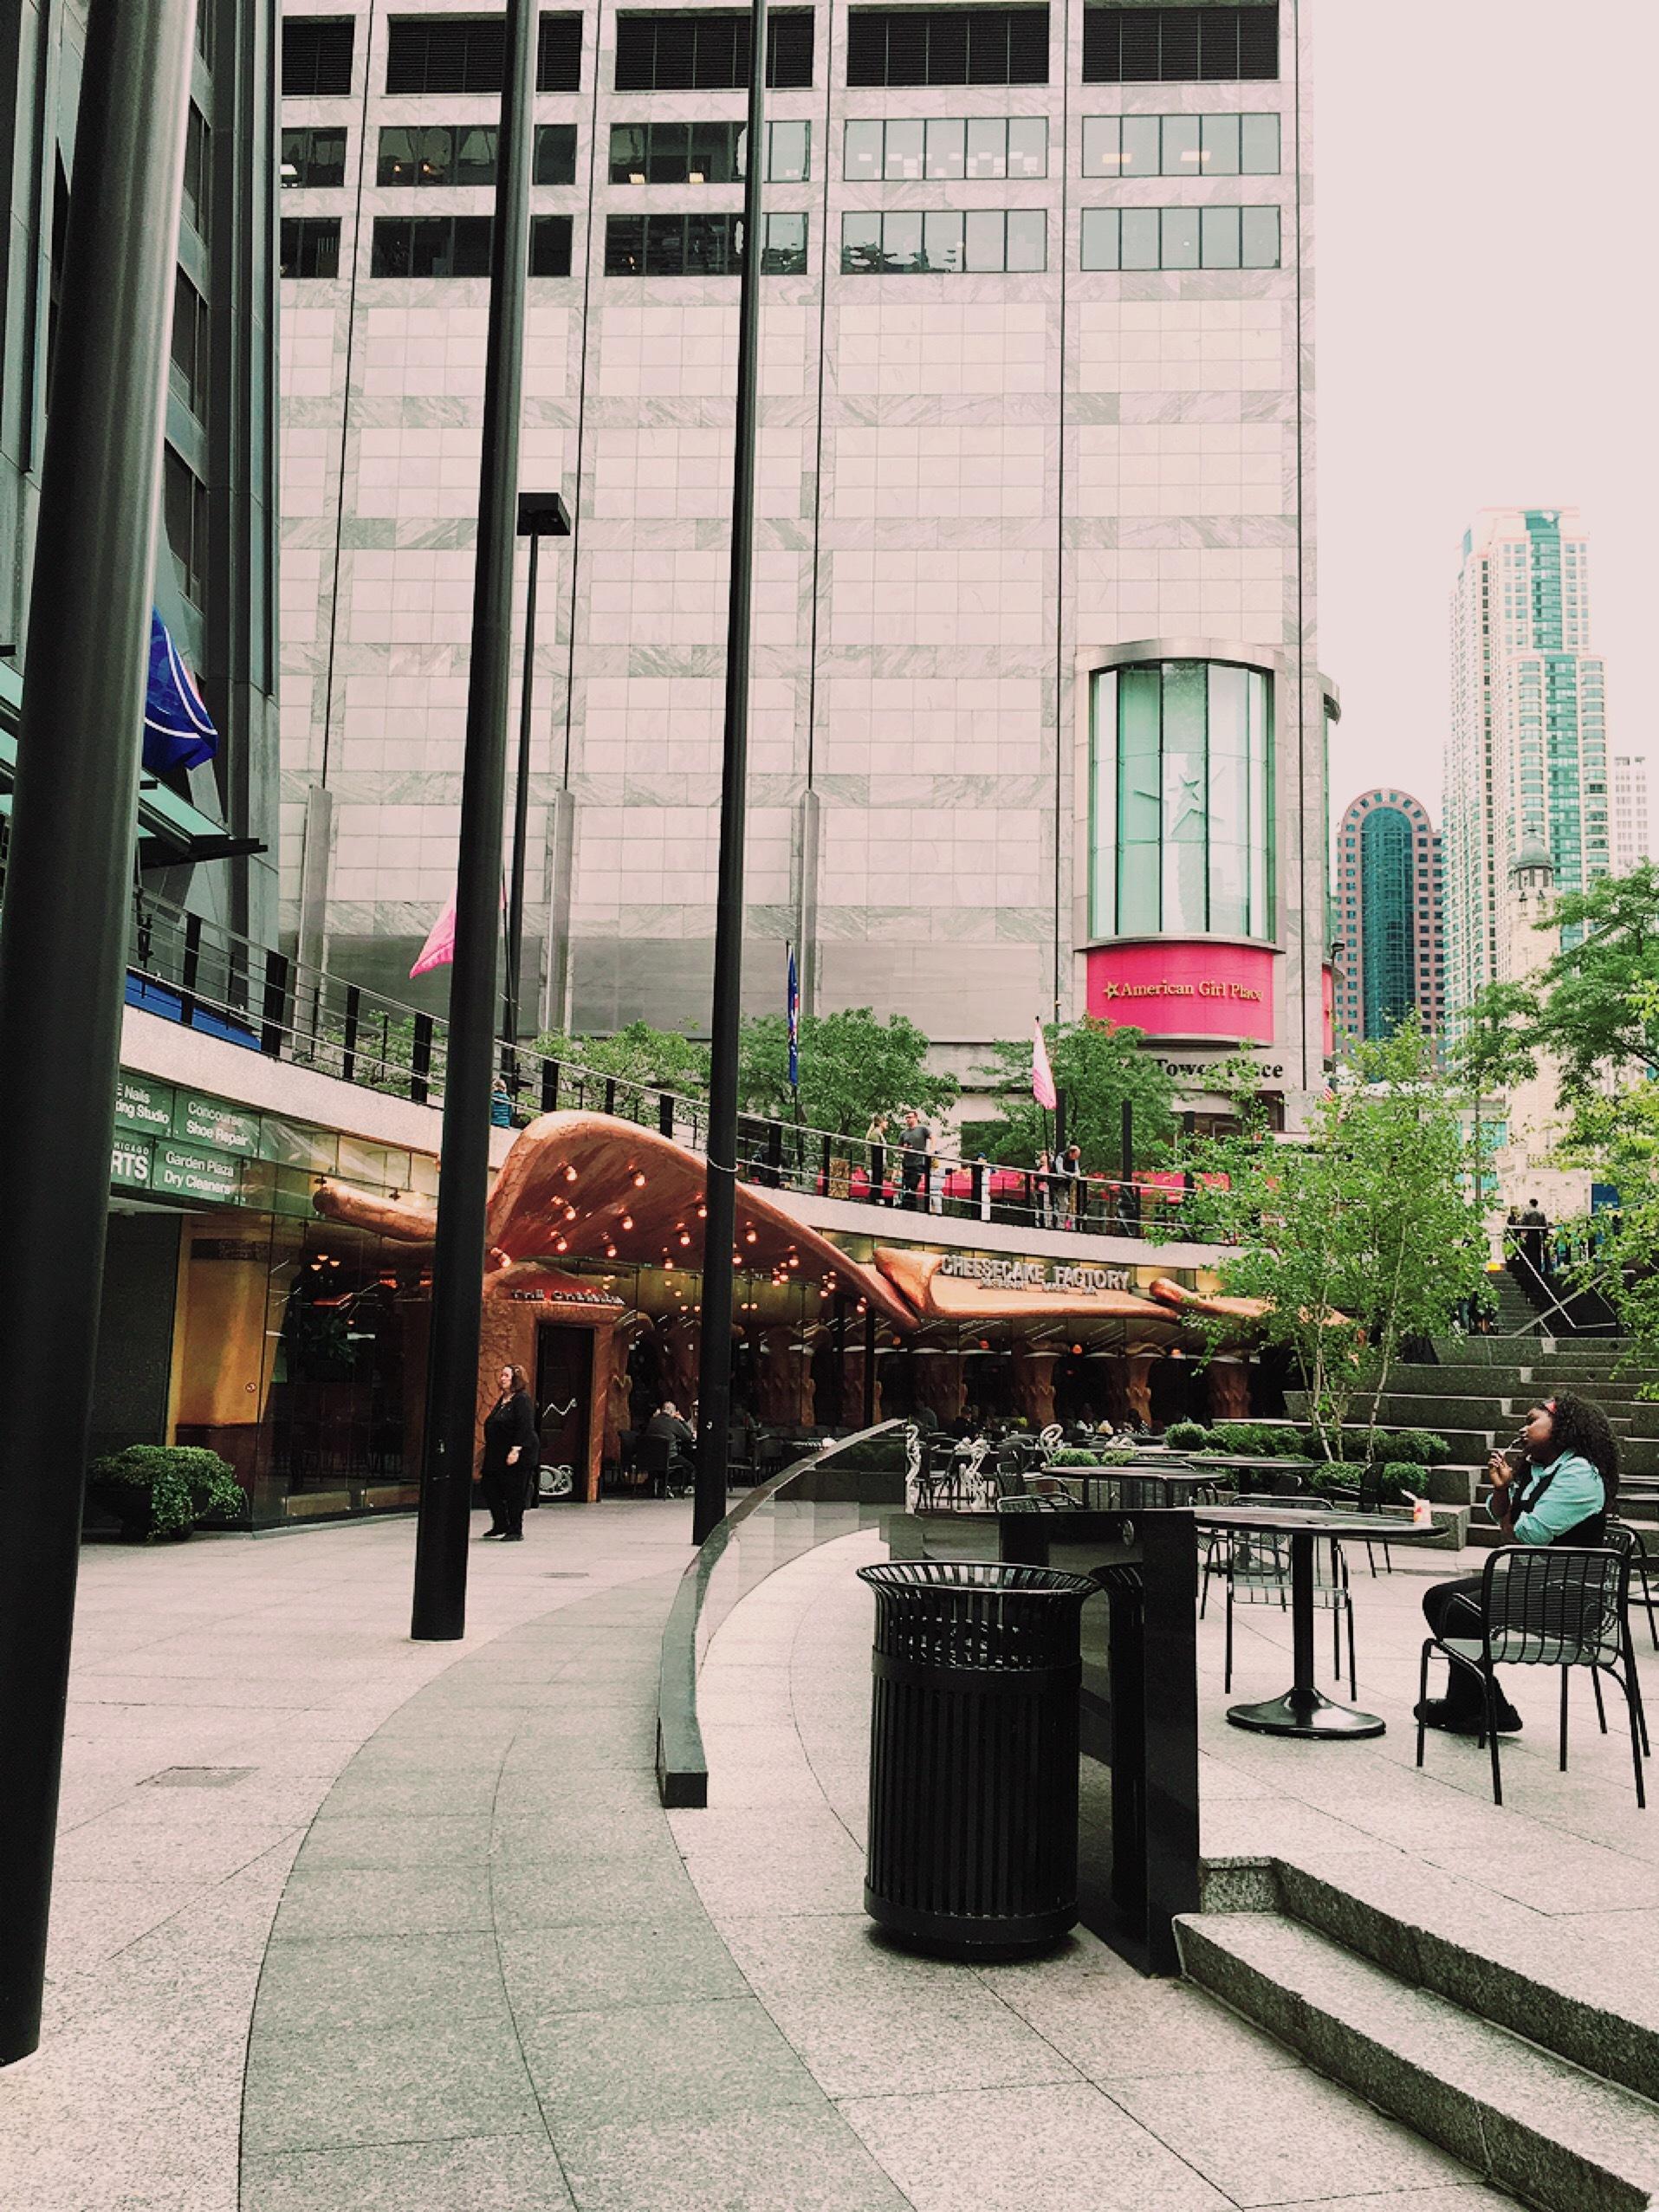 シカゴのグルメは、ハンバーガー_1_1